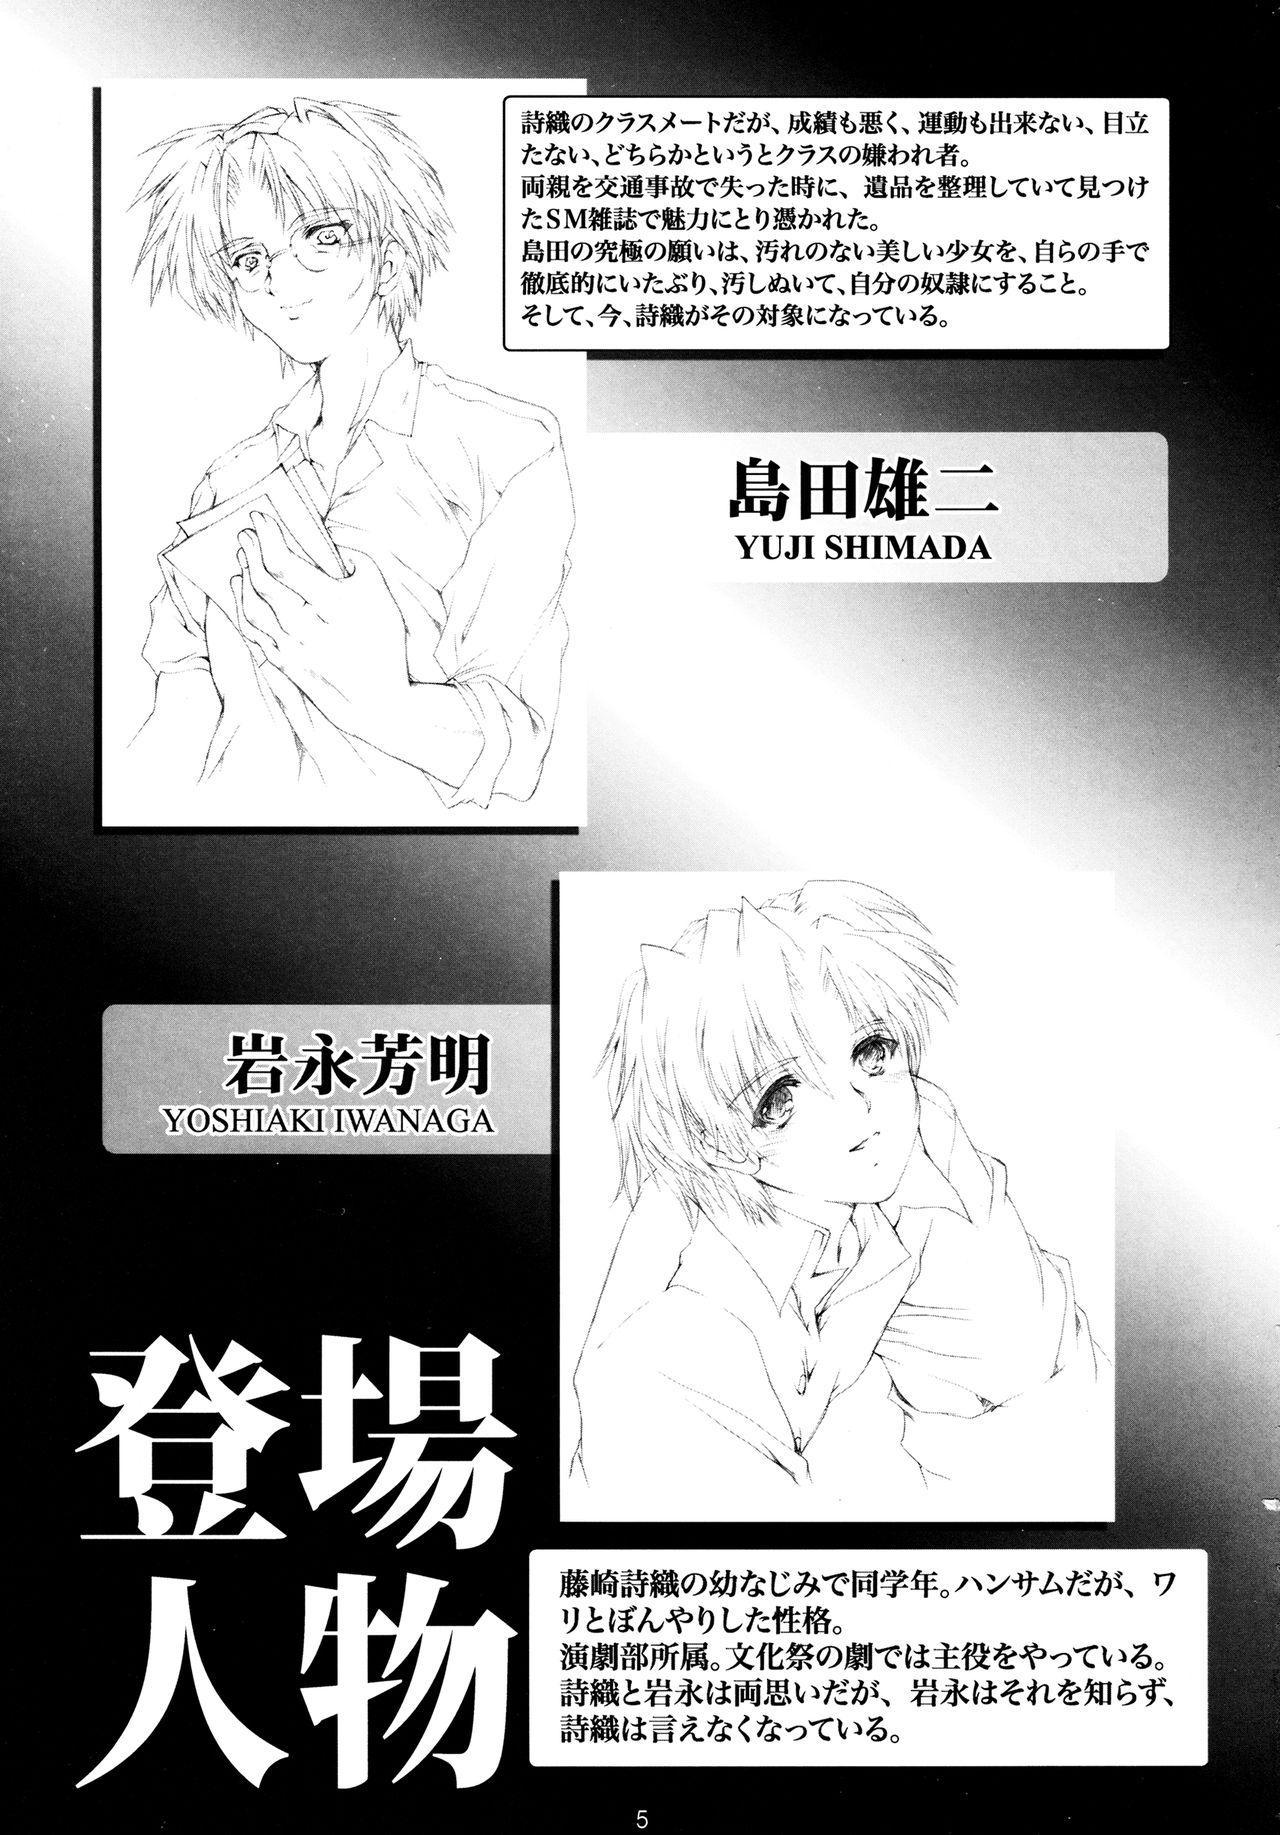 (C89) [HIGH RISK REVOLUTION (Aizawa Hiroshi, Iwasaki Hiromasa)] Shiori Dai-San-Shou Yami no Kokuin Gekan - Shinsouban (Tokimeki Memorial) [English] [shakuganexa] 3